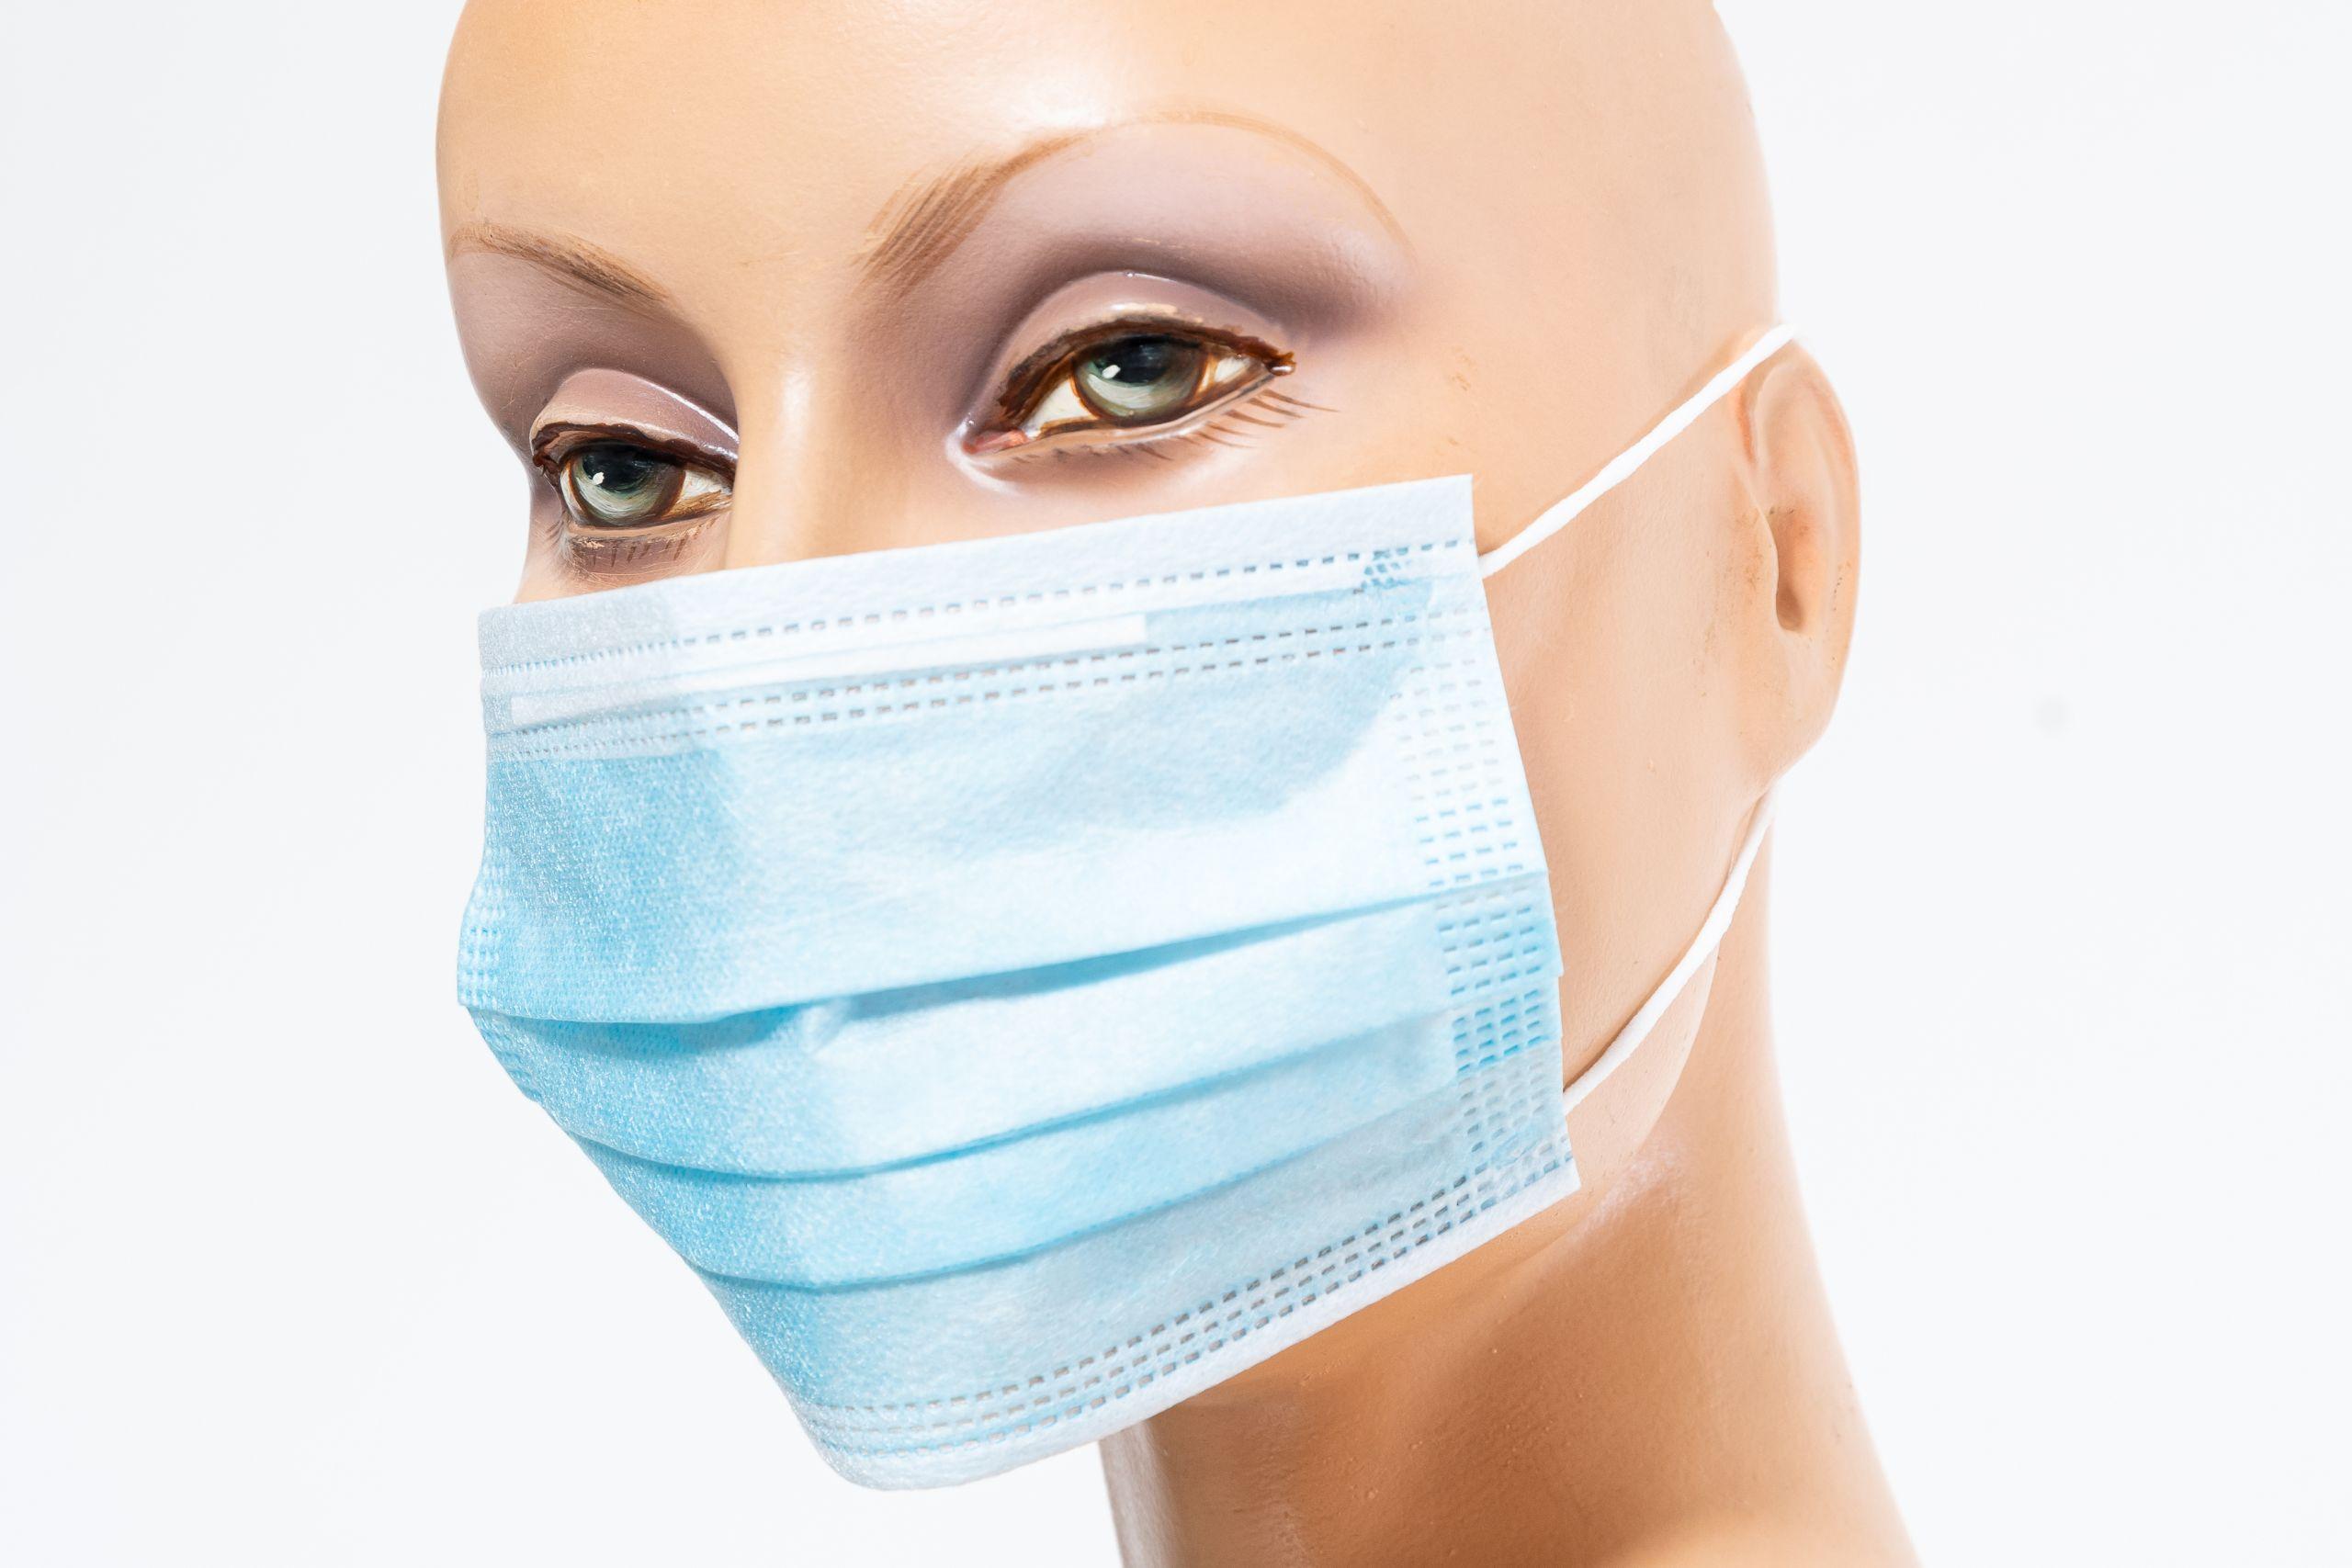 Frau mit blauer Maske seitlich Balder Care (c) Markus Flicker